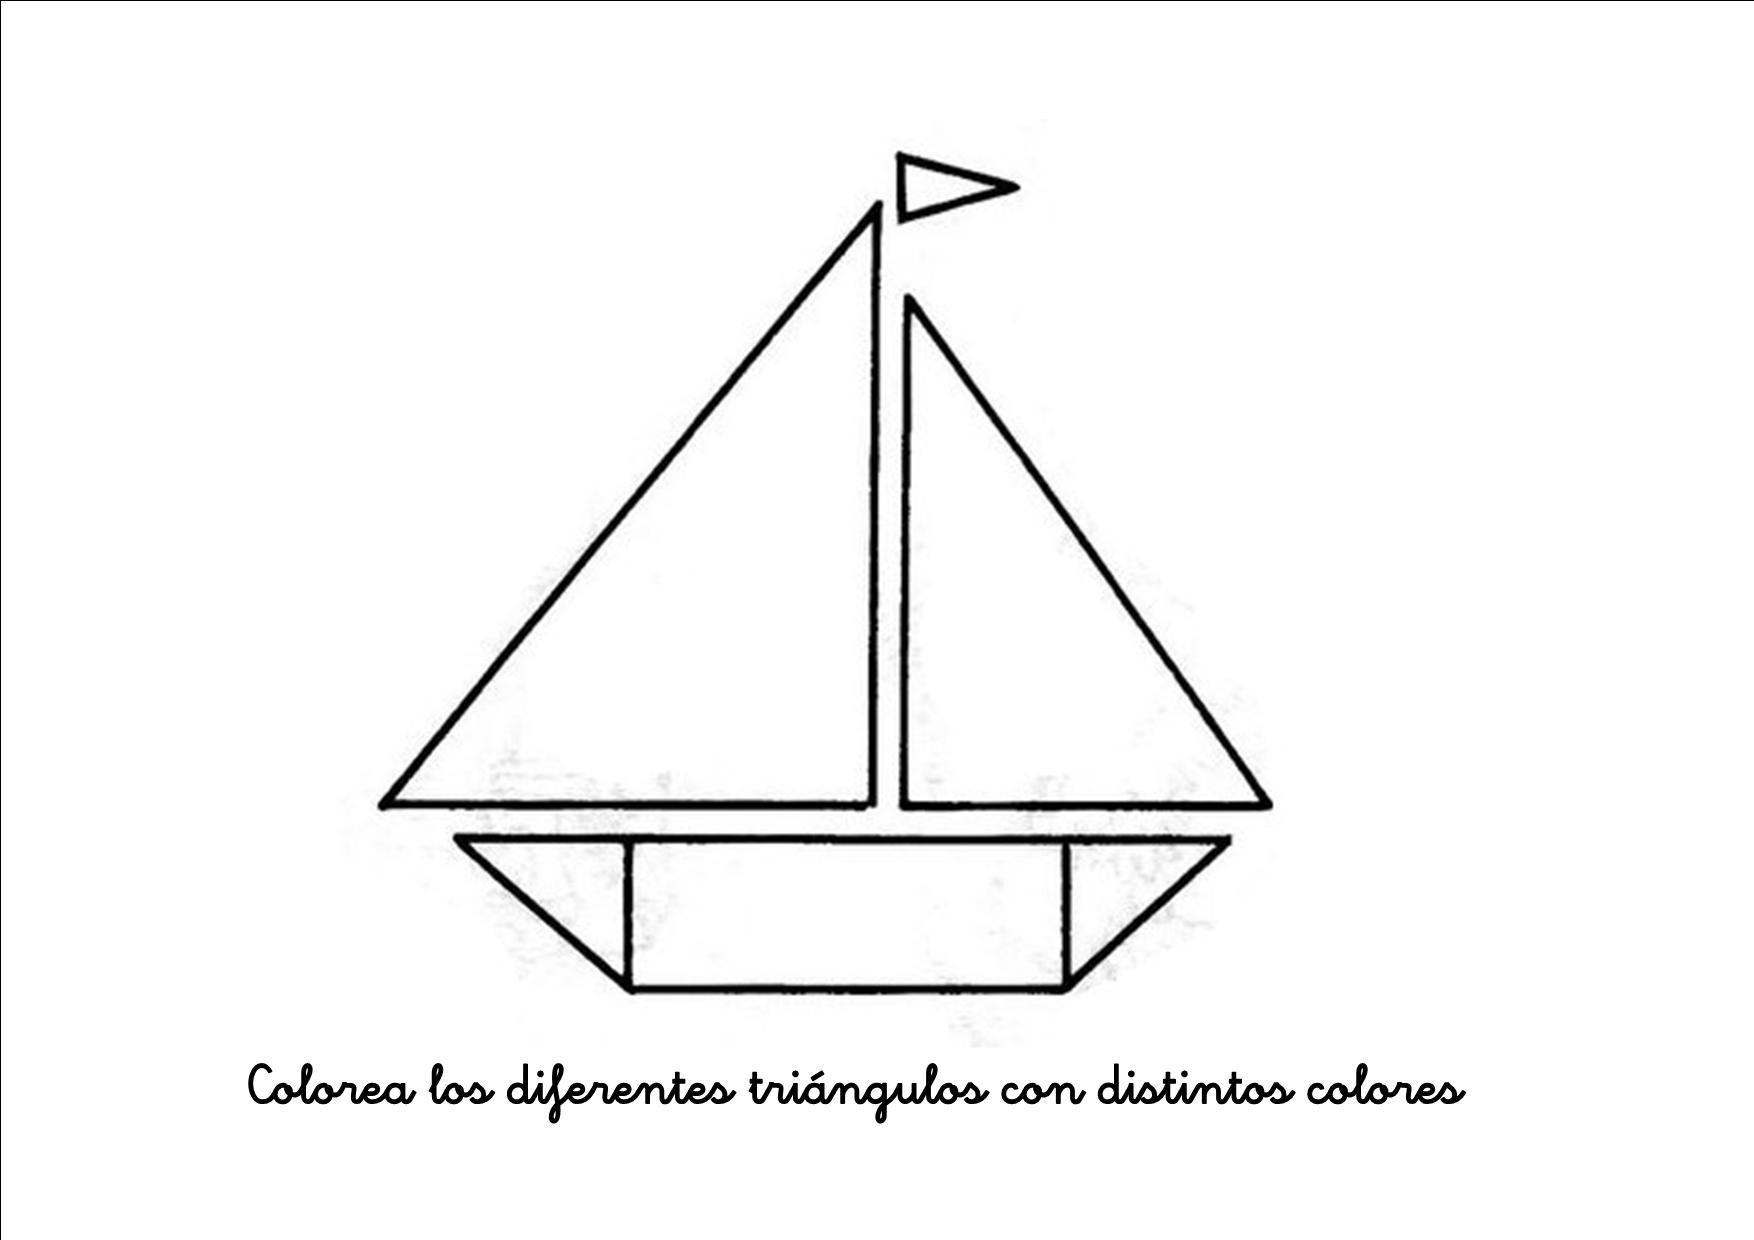 Figuras Geometricas Triangulo Para Ninos